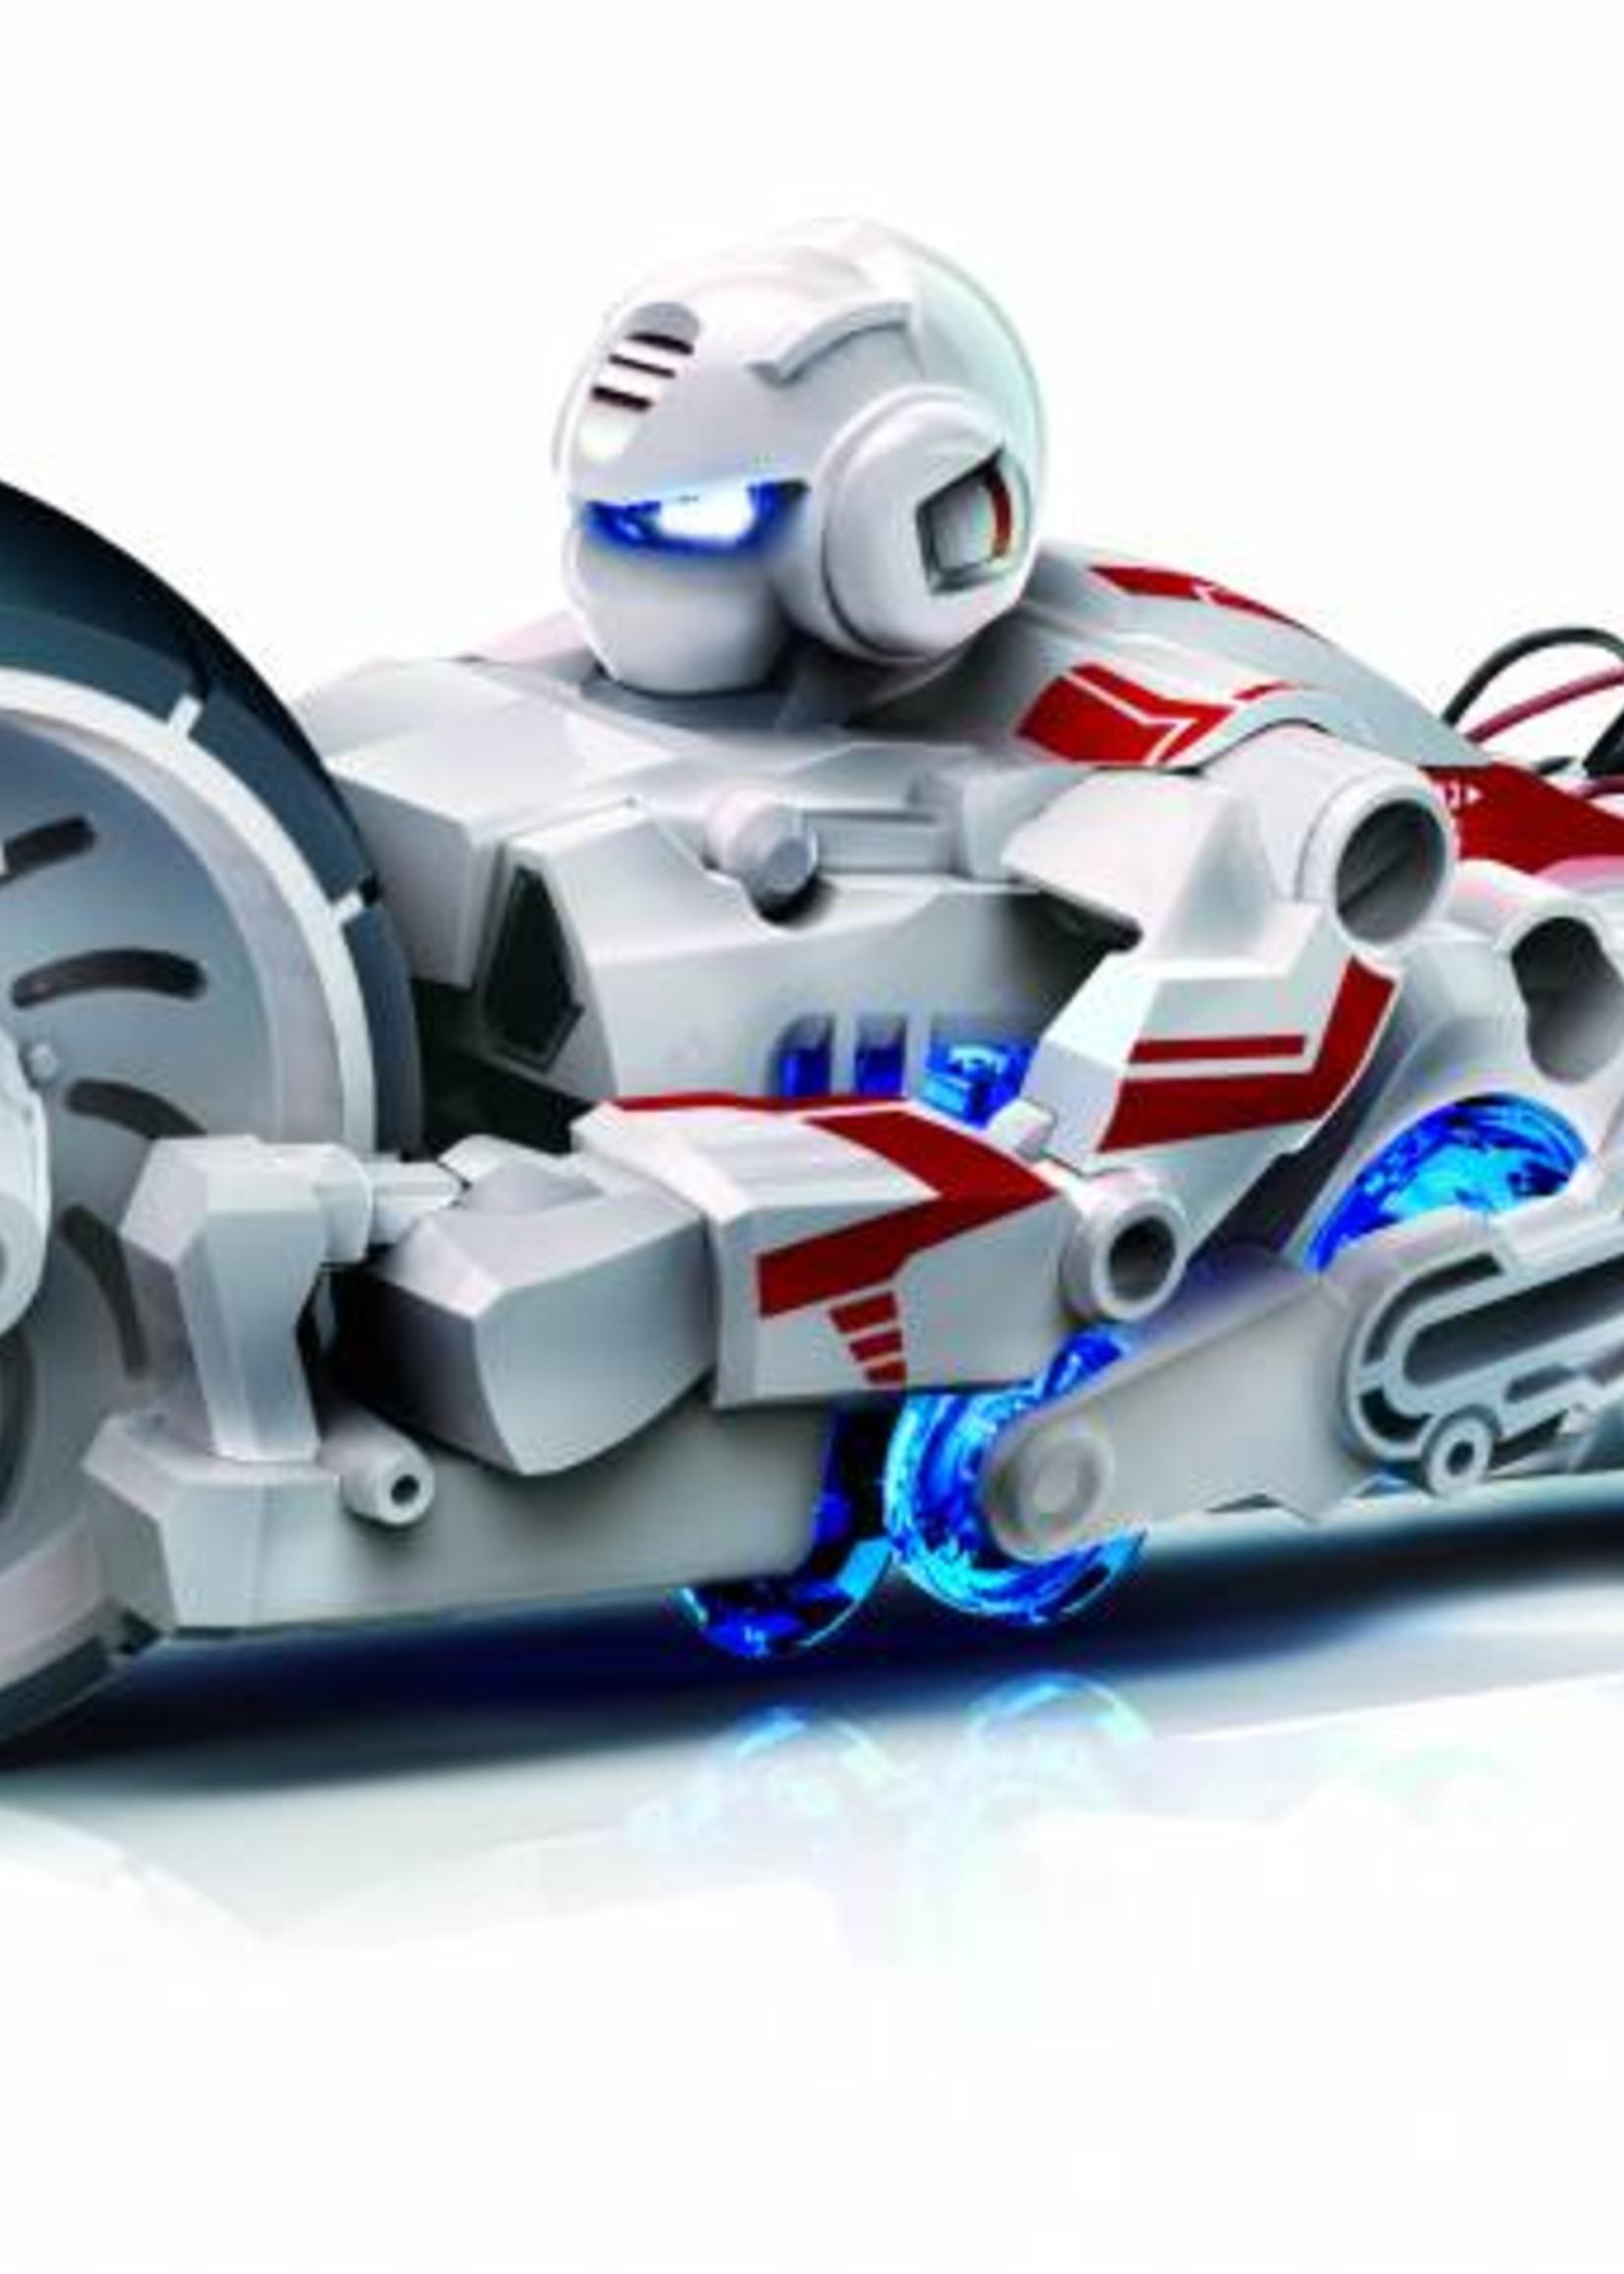 Moto fonctionnant à l'eau salé